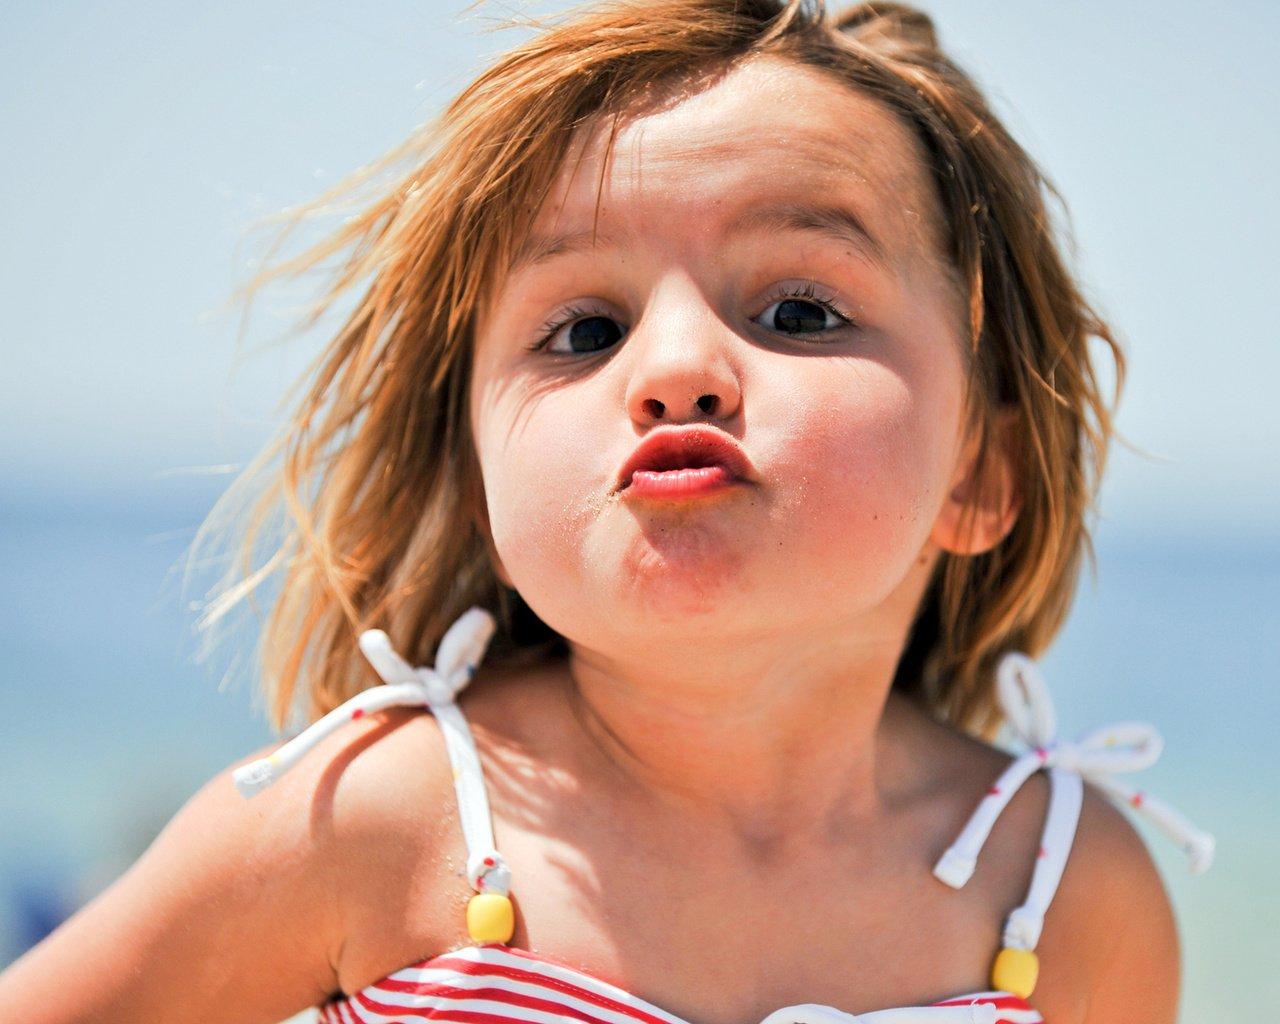 Прикольное фото маленьких девочек на аву